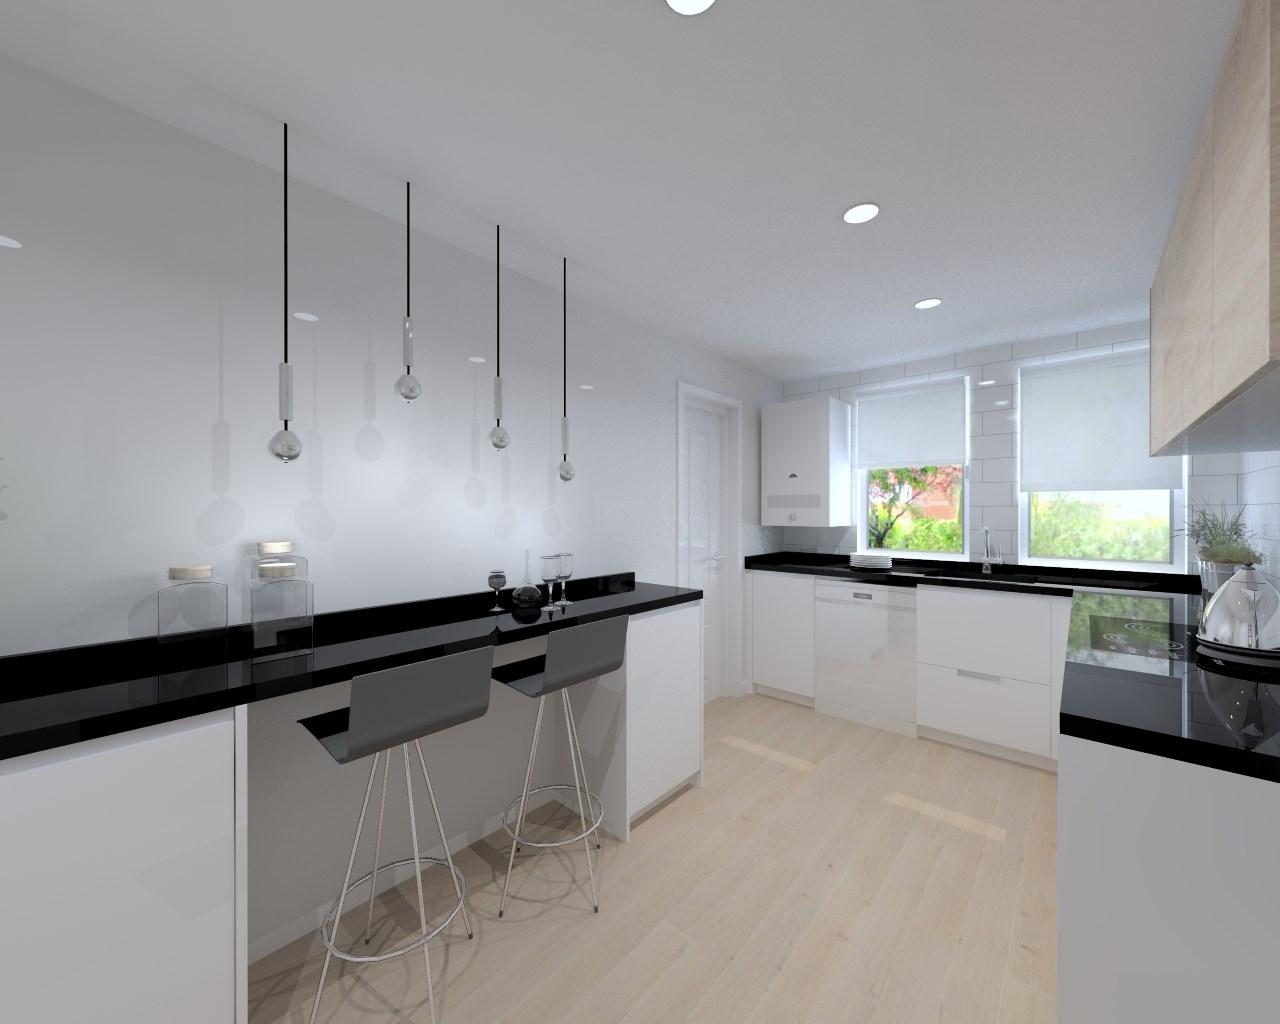 Aravaca cocina santos modelo line estratificado blanco for Cocinas de granito negro